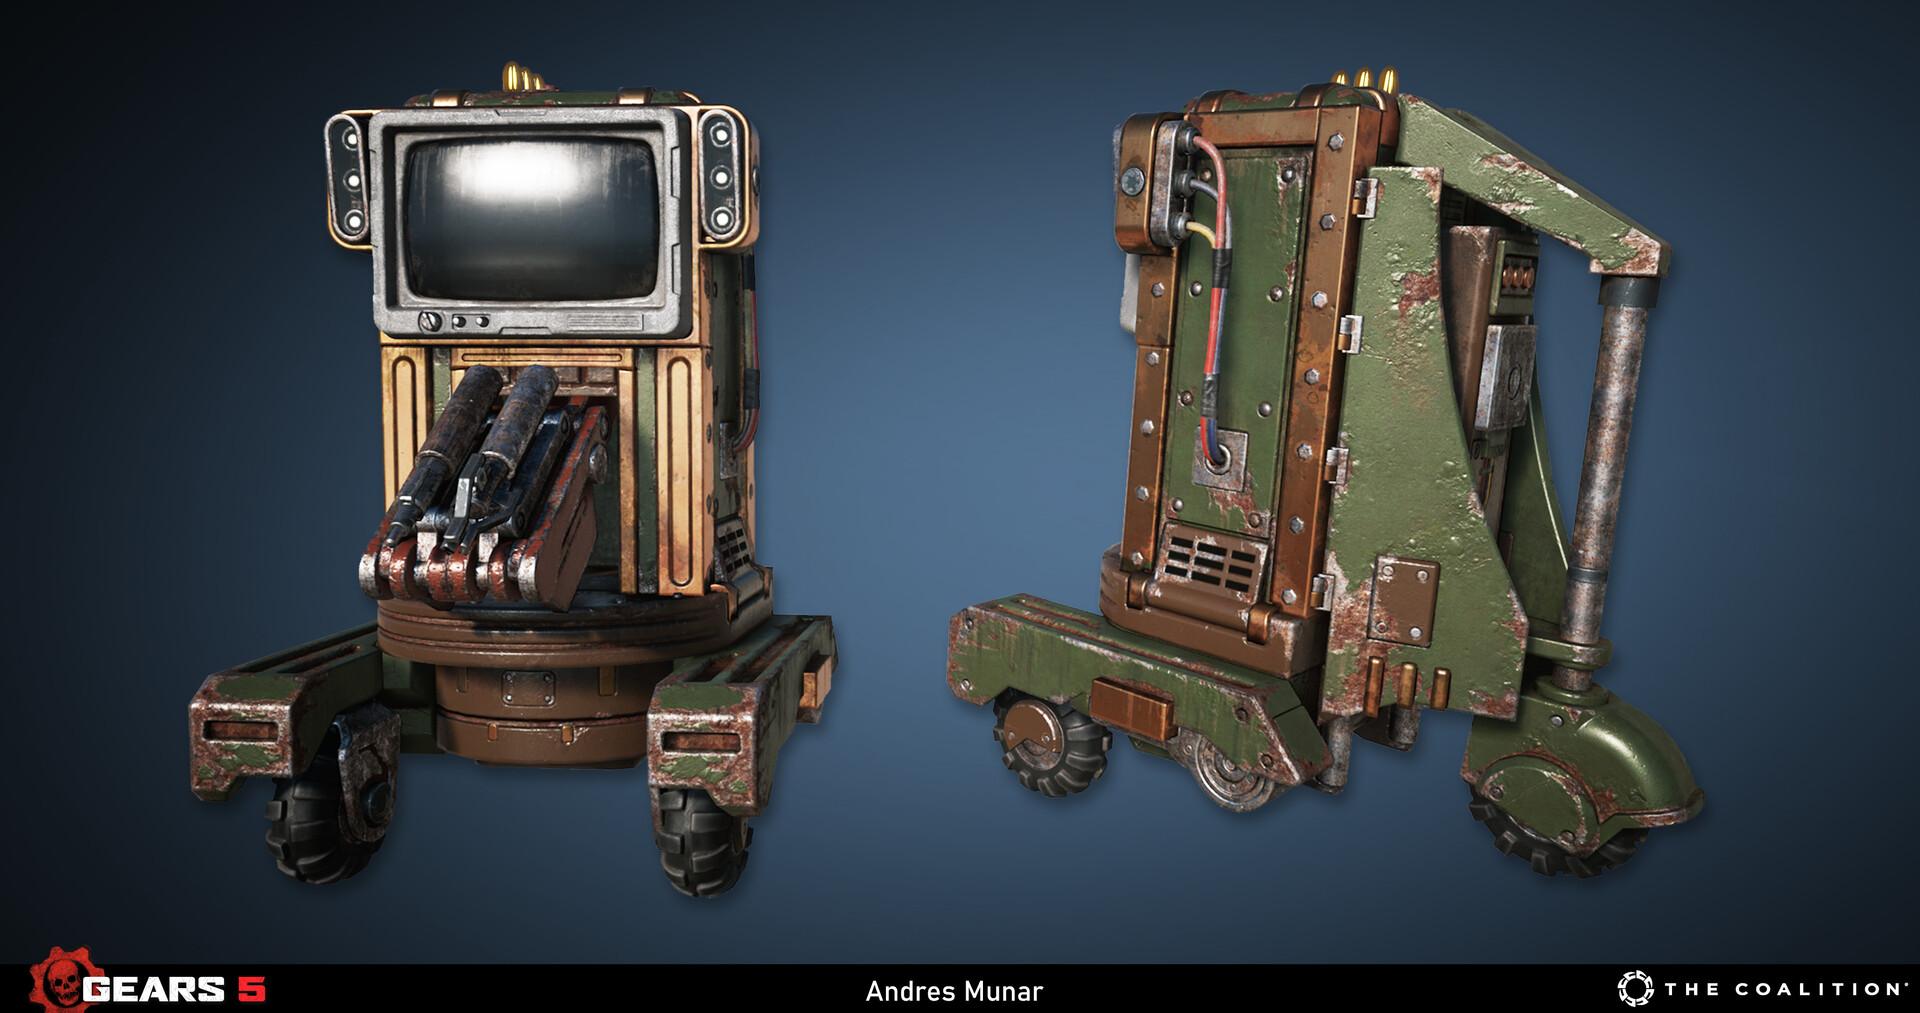 Andres munar gears5 013b